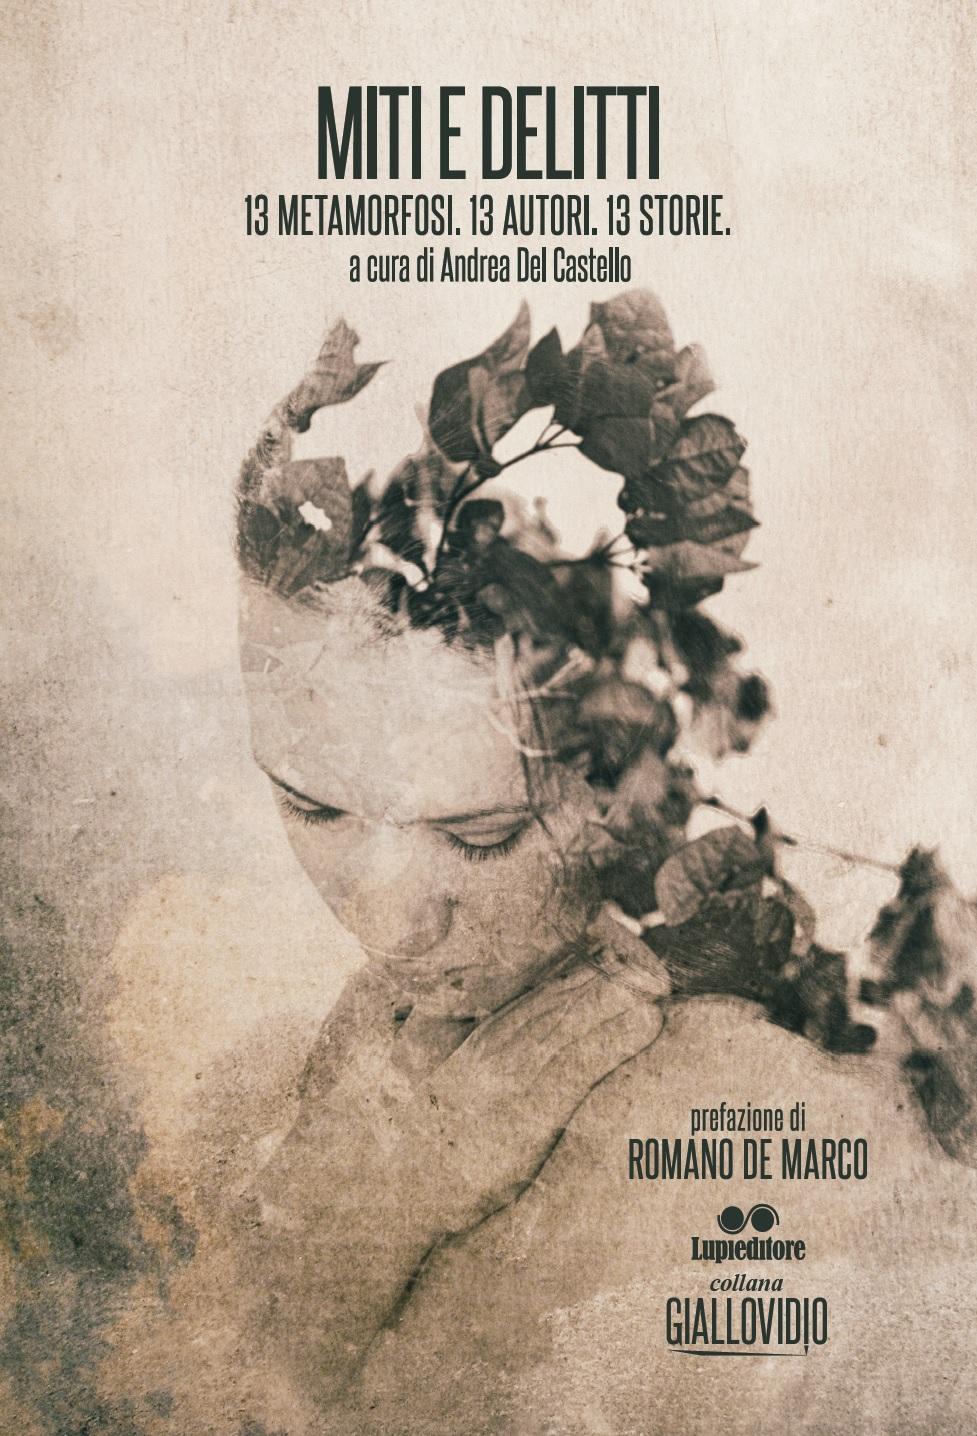 MITI E DELITTI 13 autori per un omaggio a Ovidio